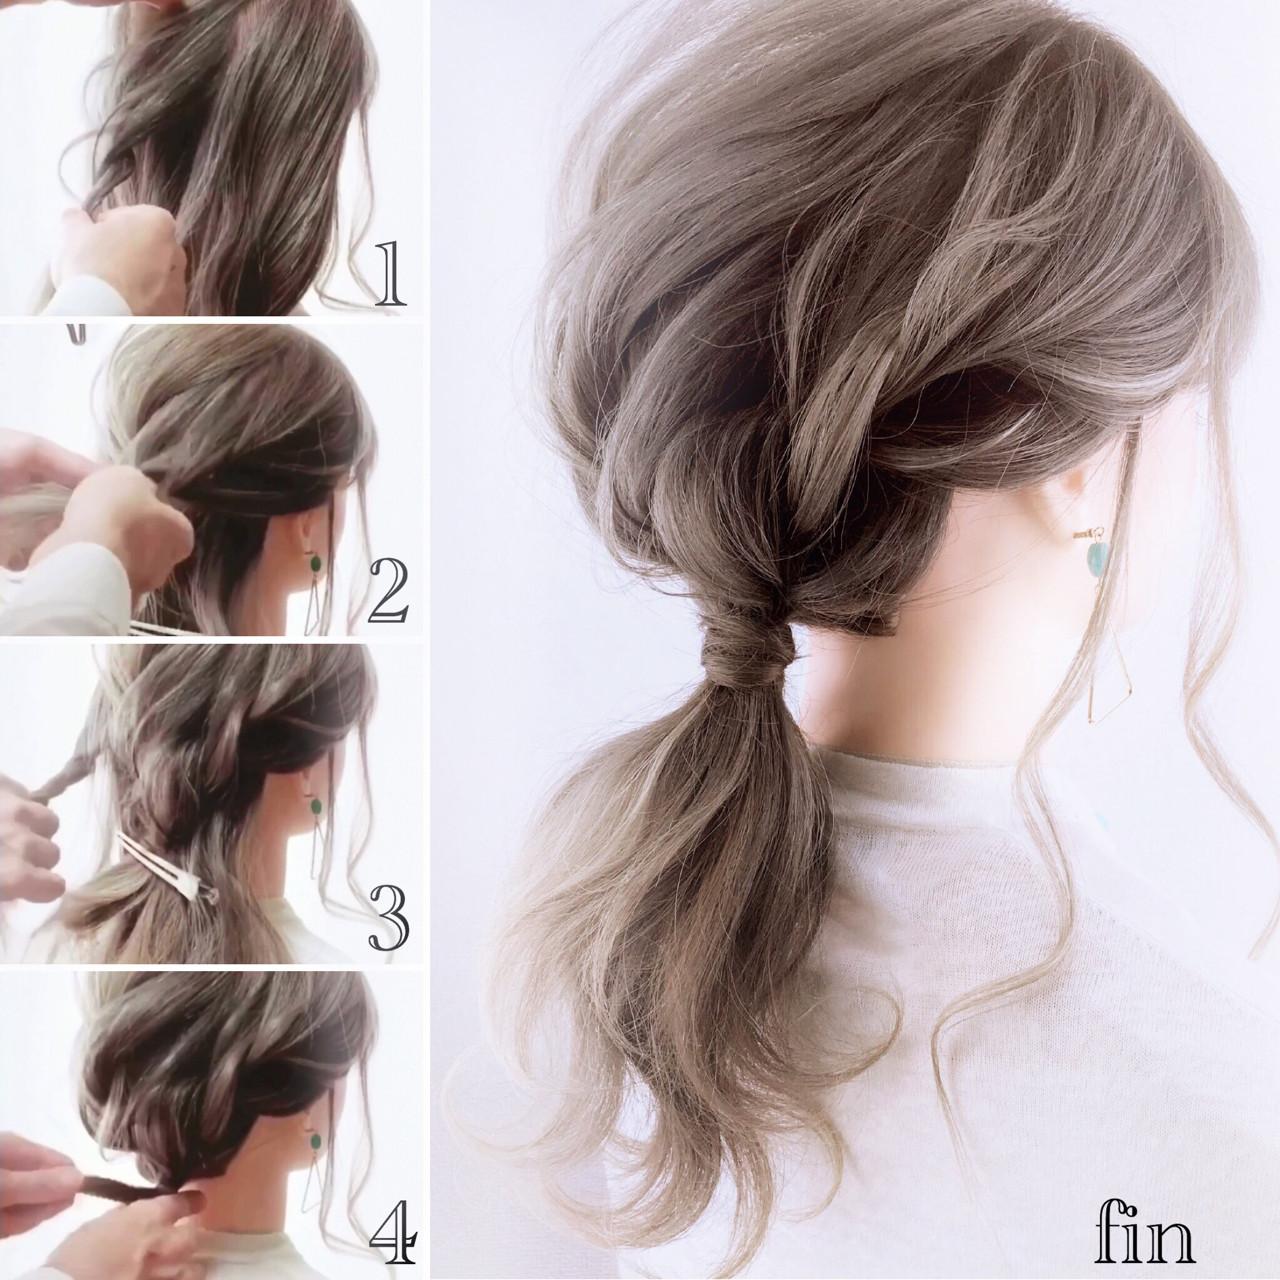 立体感のあるナチュラルなセミロングの髪型 小路 慎一郎calon hair